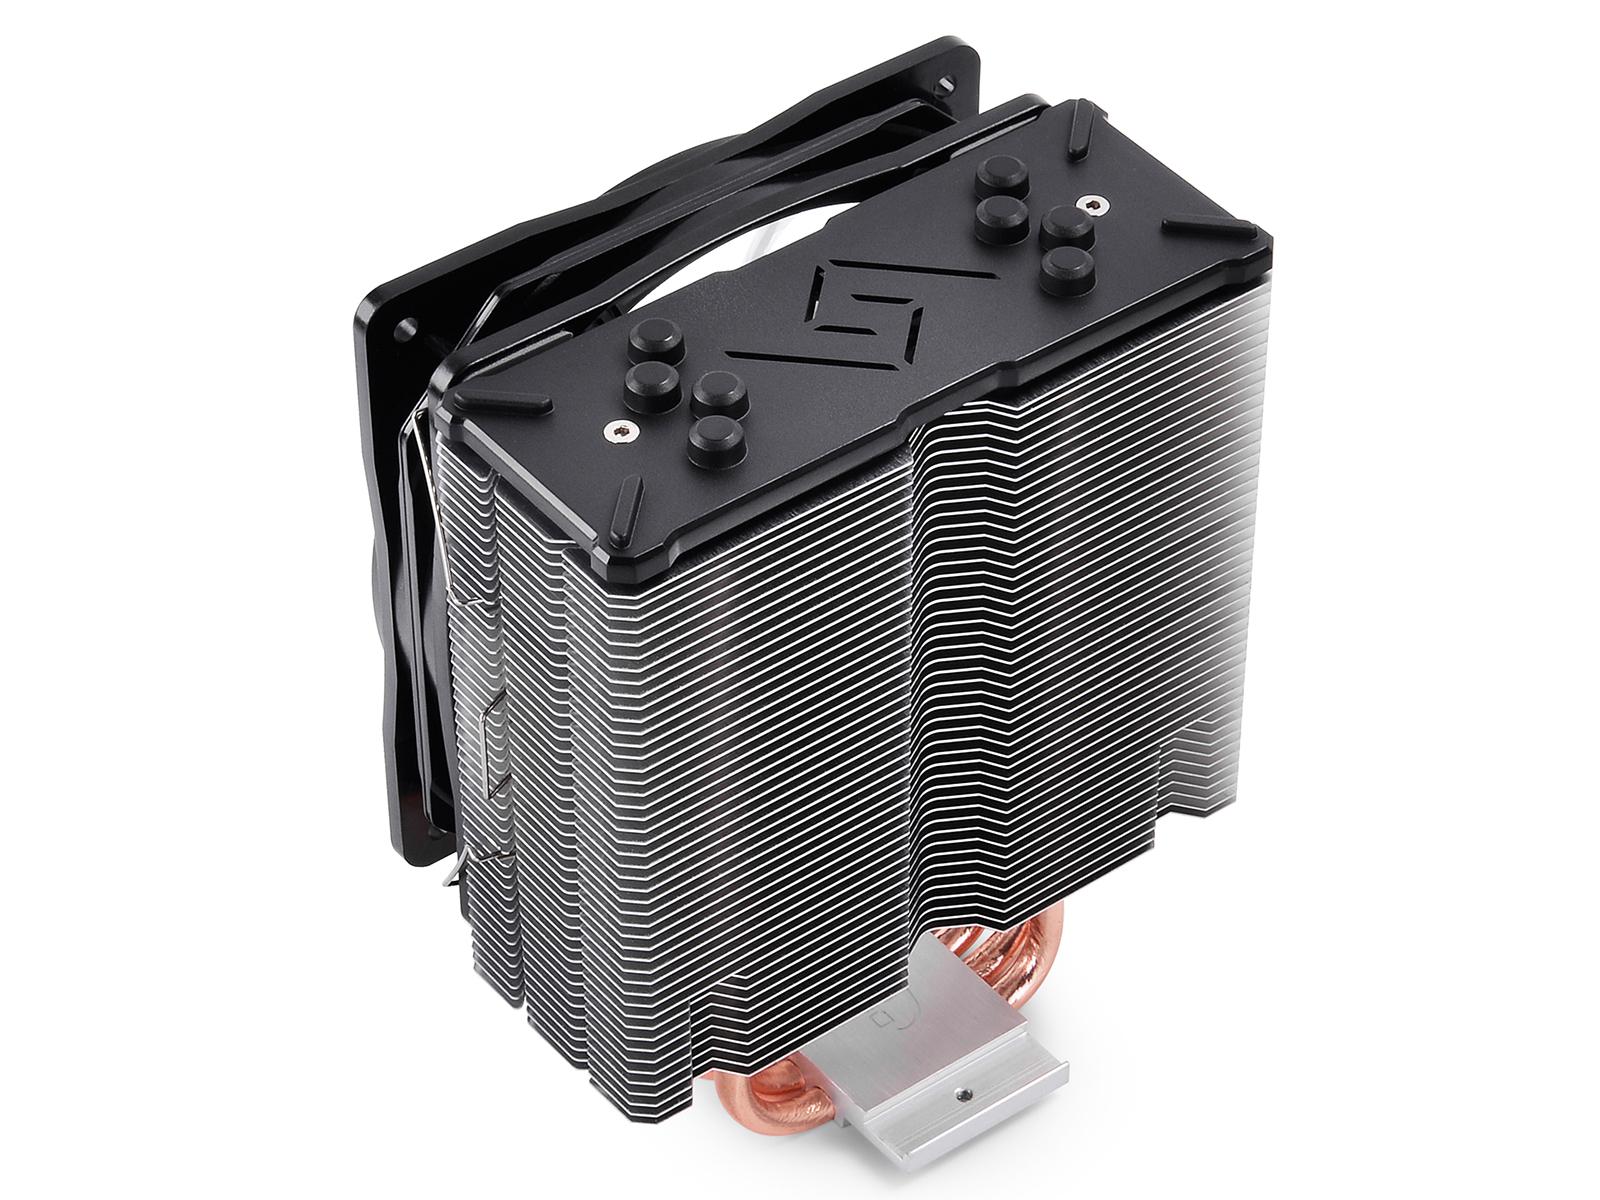 Bộ tản nhiệt CPU Deepcool Gammaxx GTE - Hàng Chính Hãng